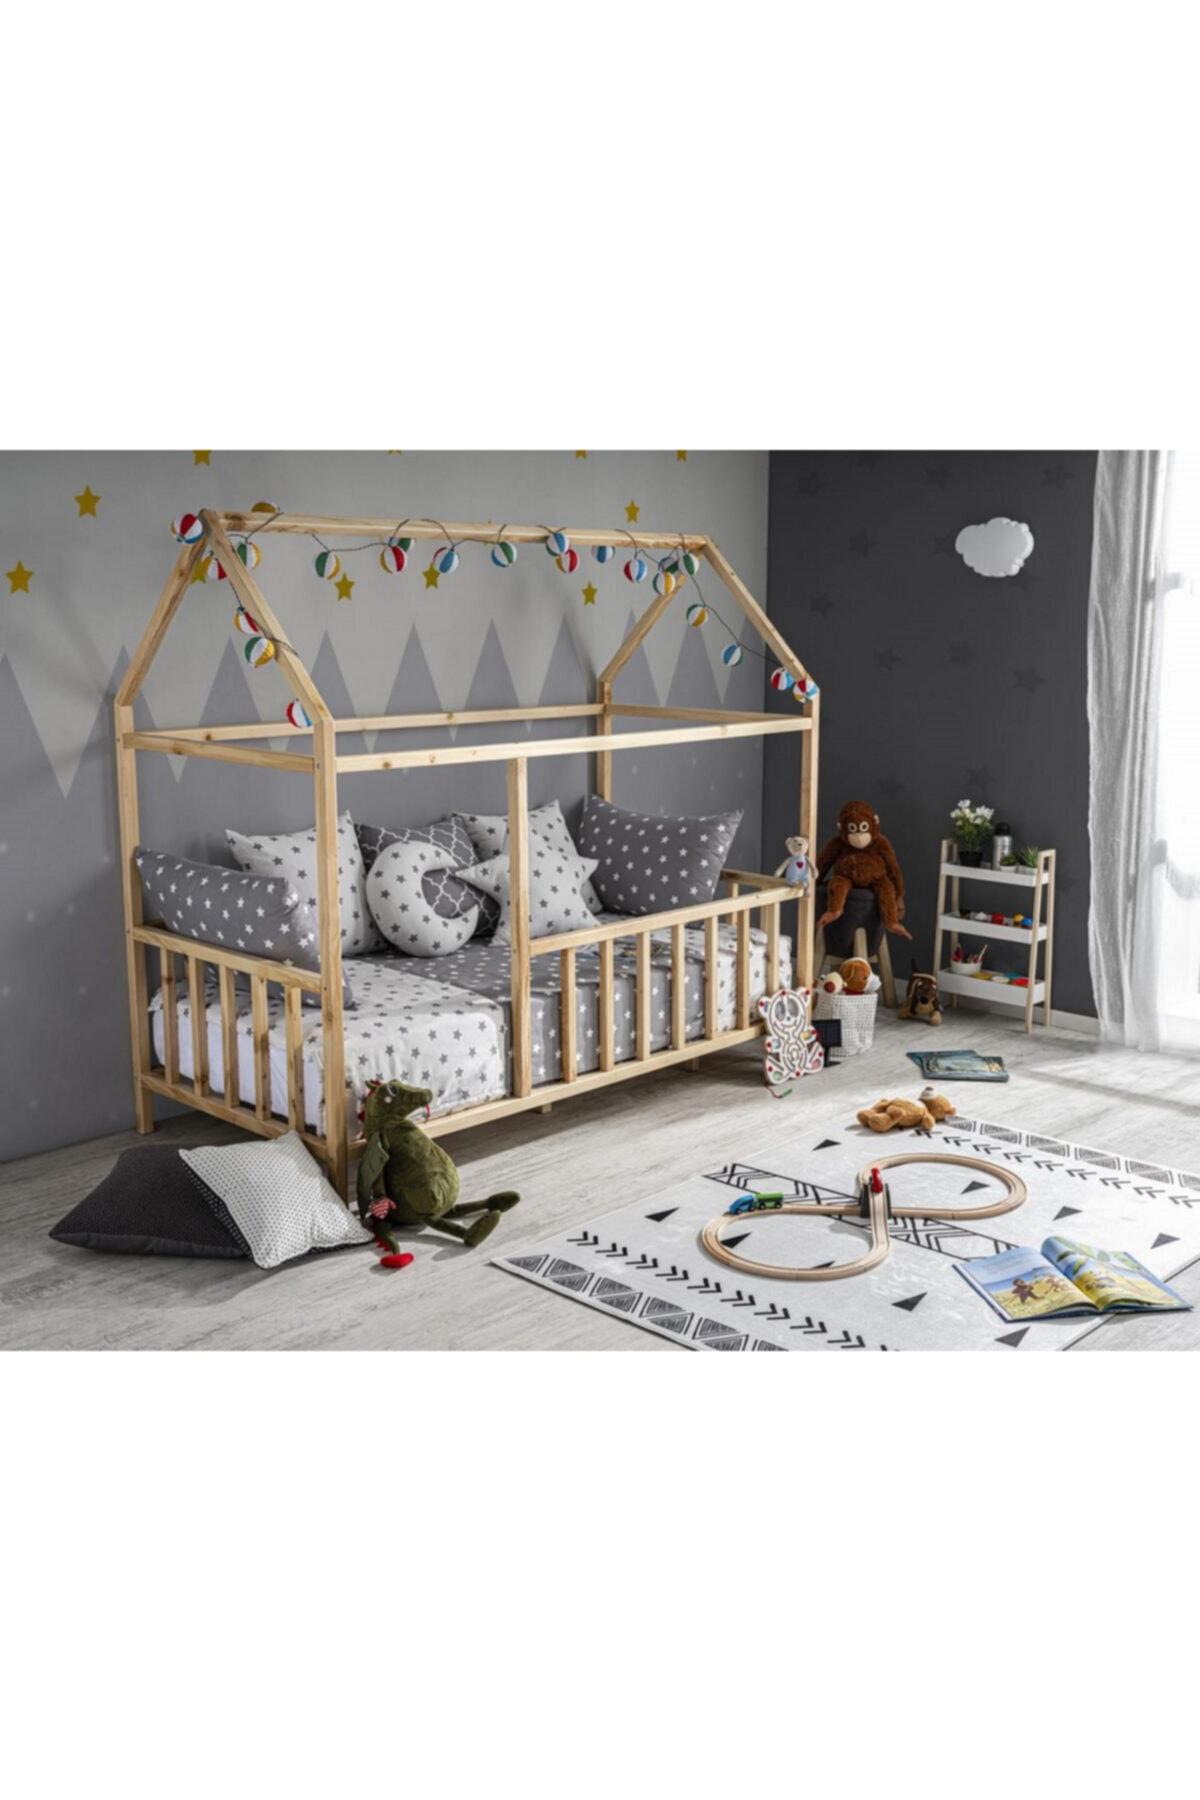 Baby Kinder Çatılı Doğal Montessori Bebek & Çocuk Karyolası 1